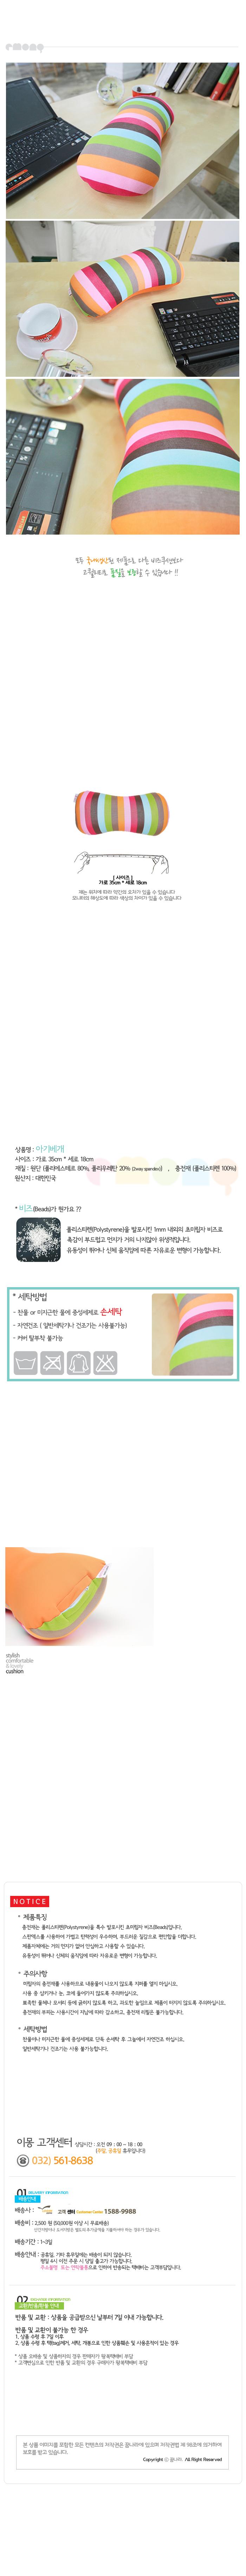 비즈쿠션-아기베개 - 이몽, 7,000원, 쿠션, 패턴/도트